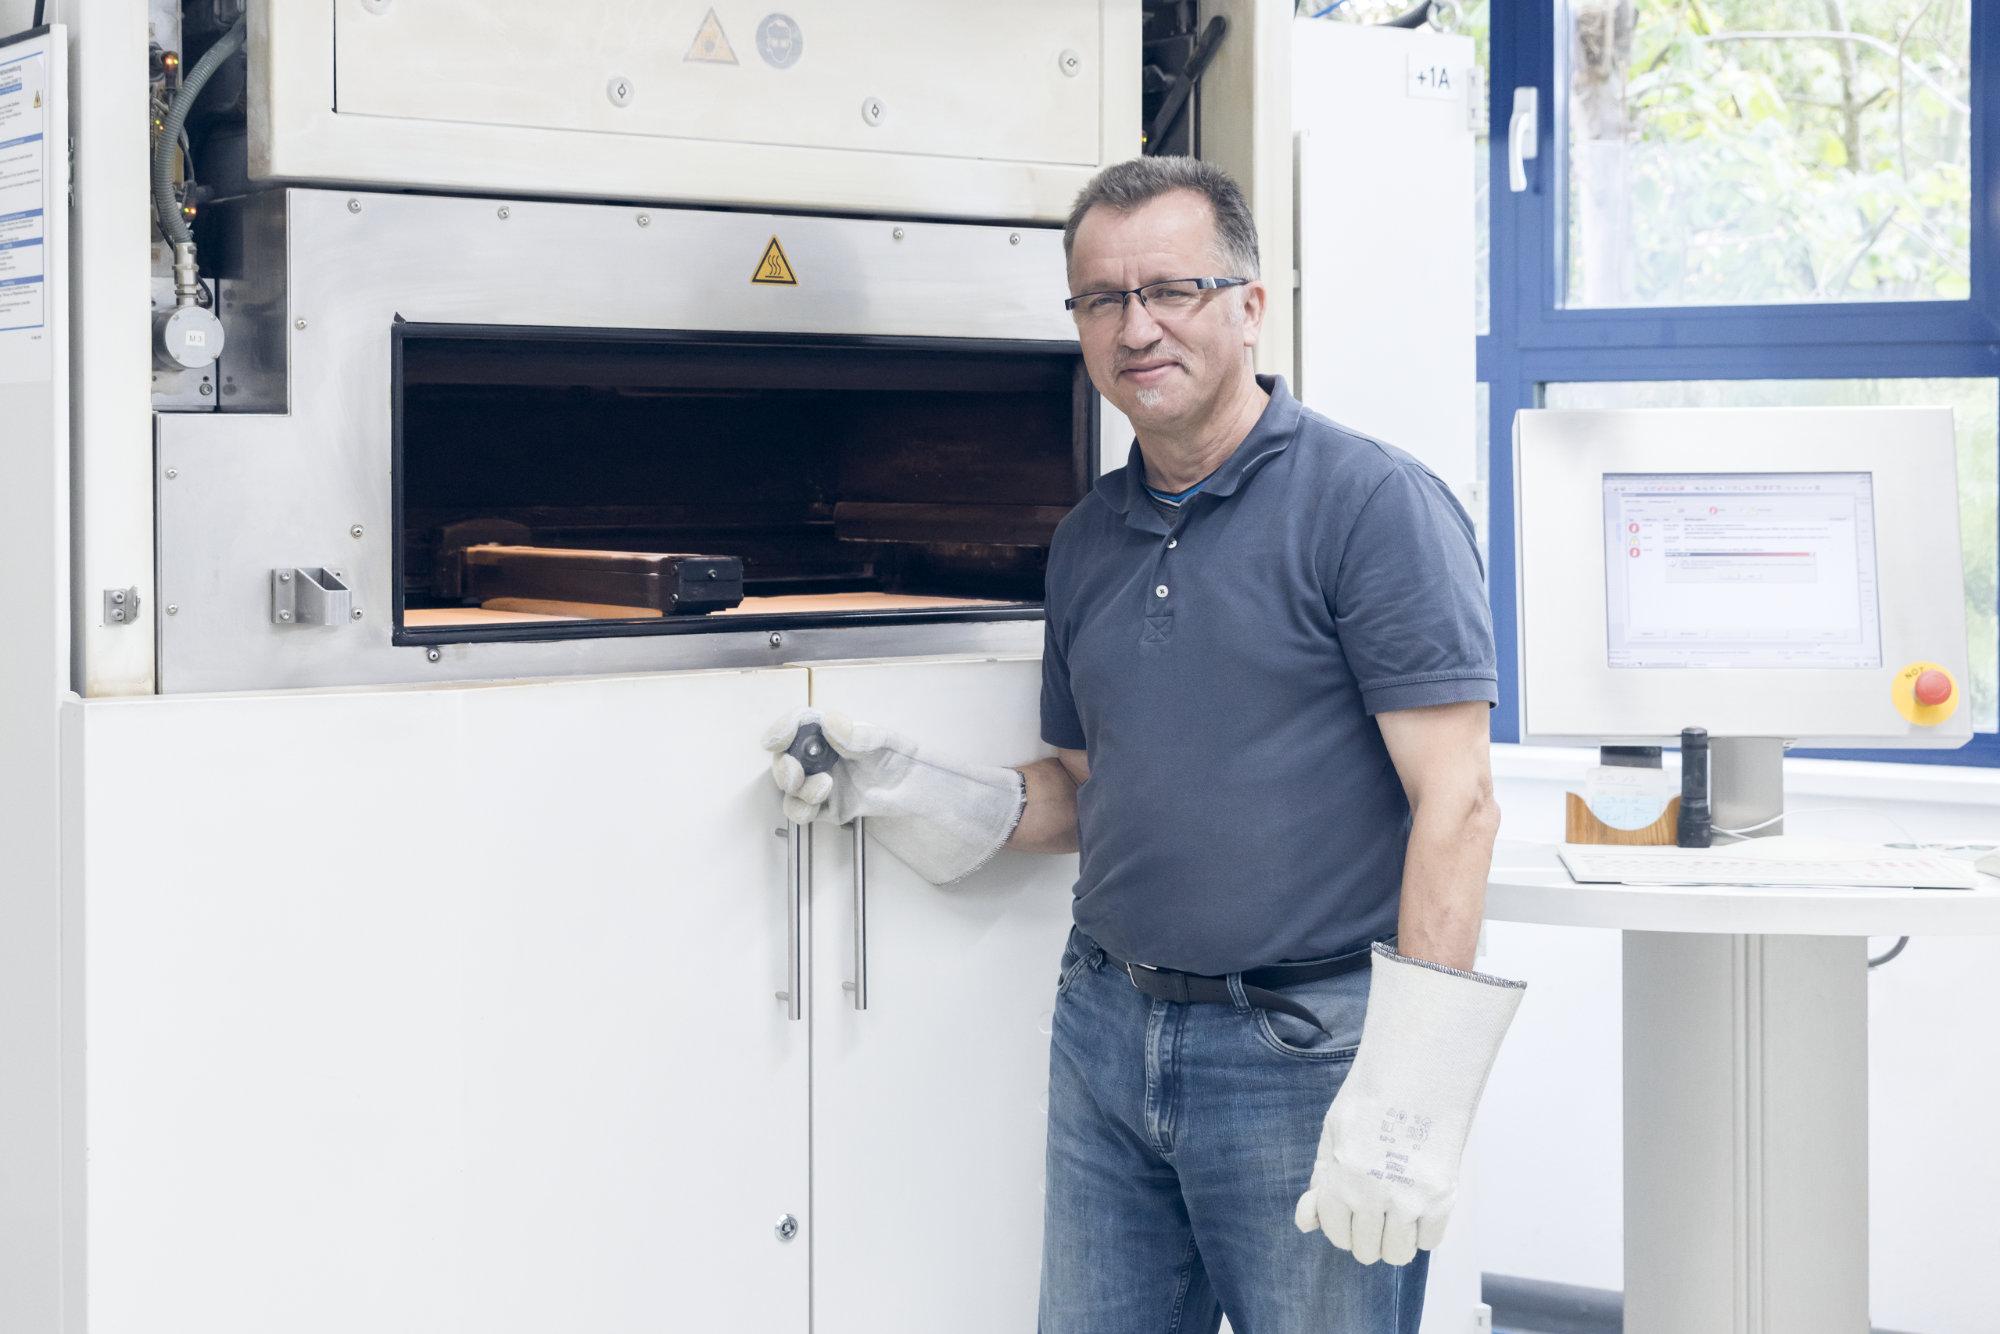 Mey Maschinenbau Prien Mitarbeiter vor 3D-Drucker